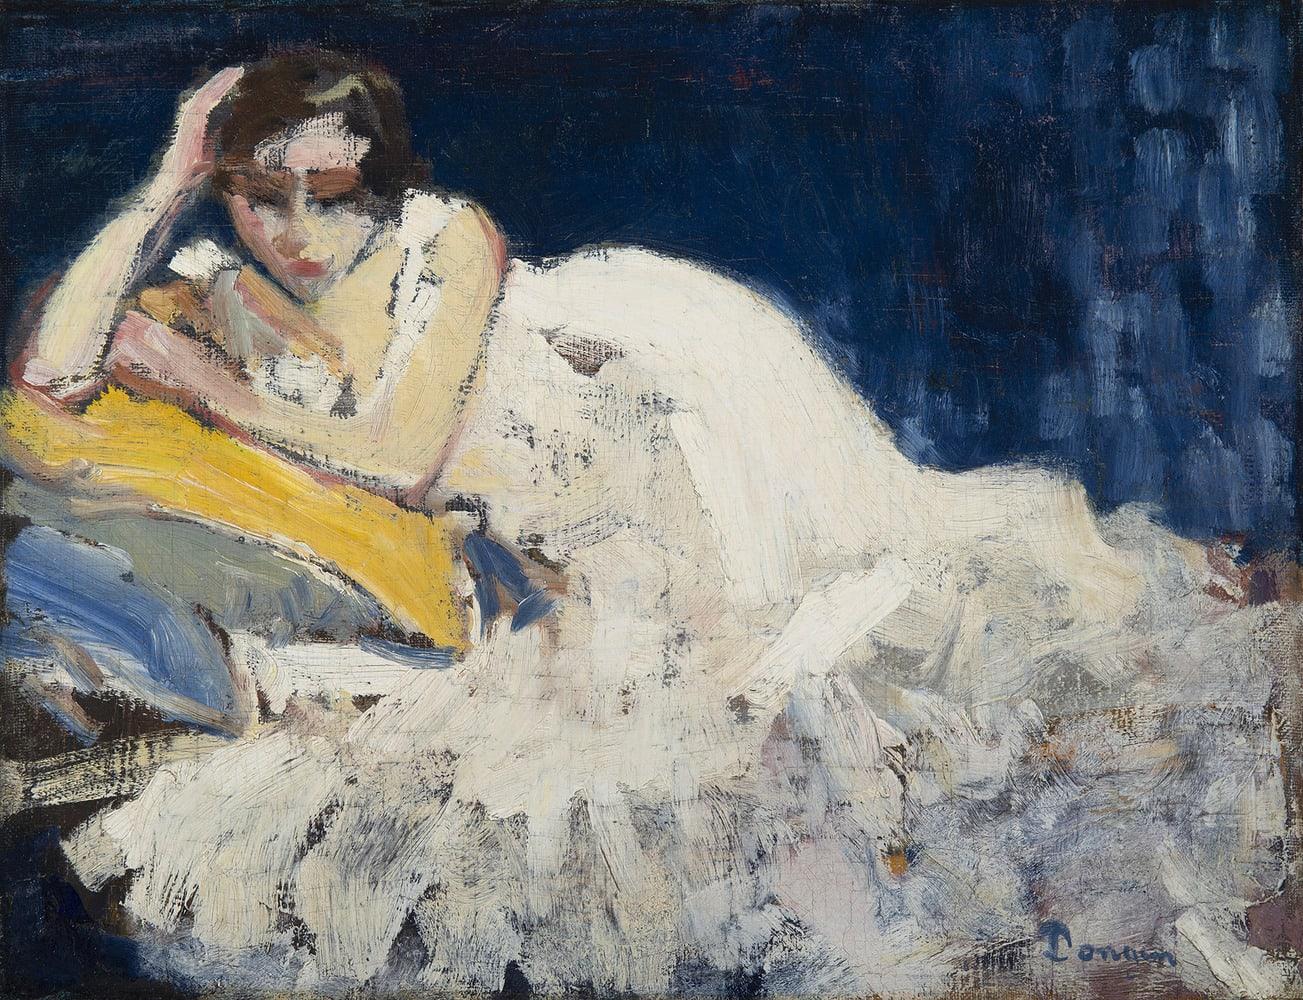 KEES VAN DONGEN, Le retour de bal, Guus Van Dongen, 1904-1905